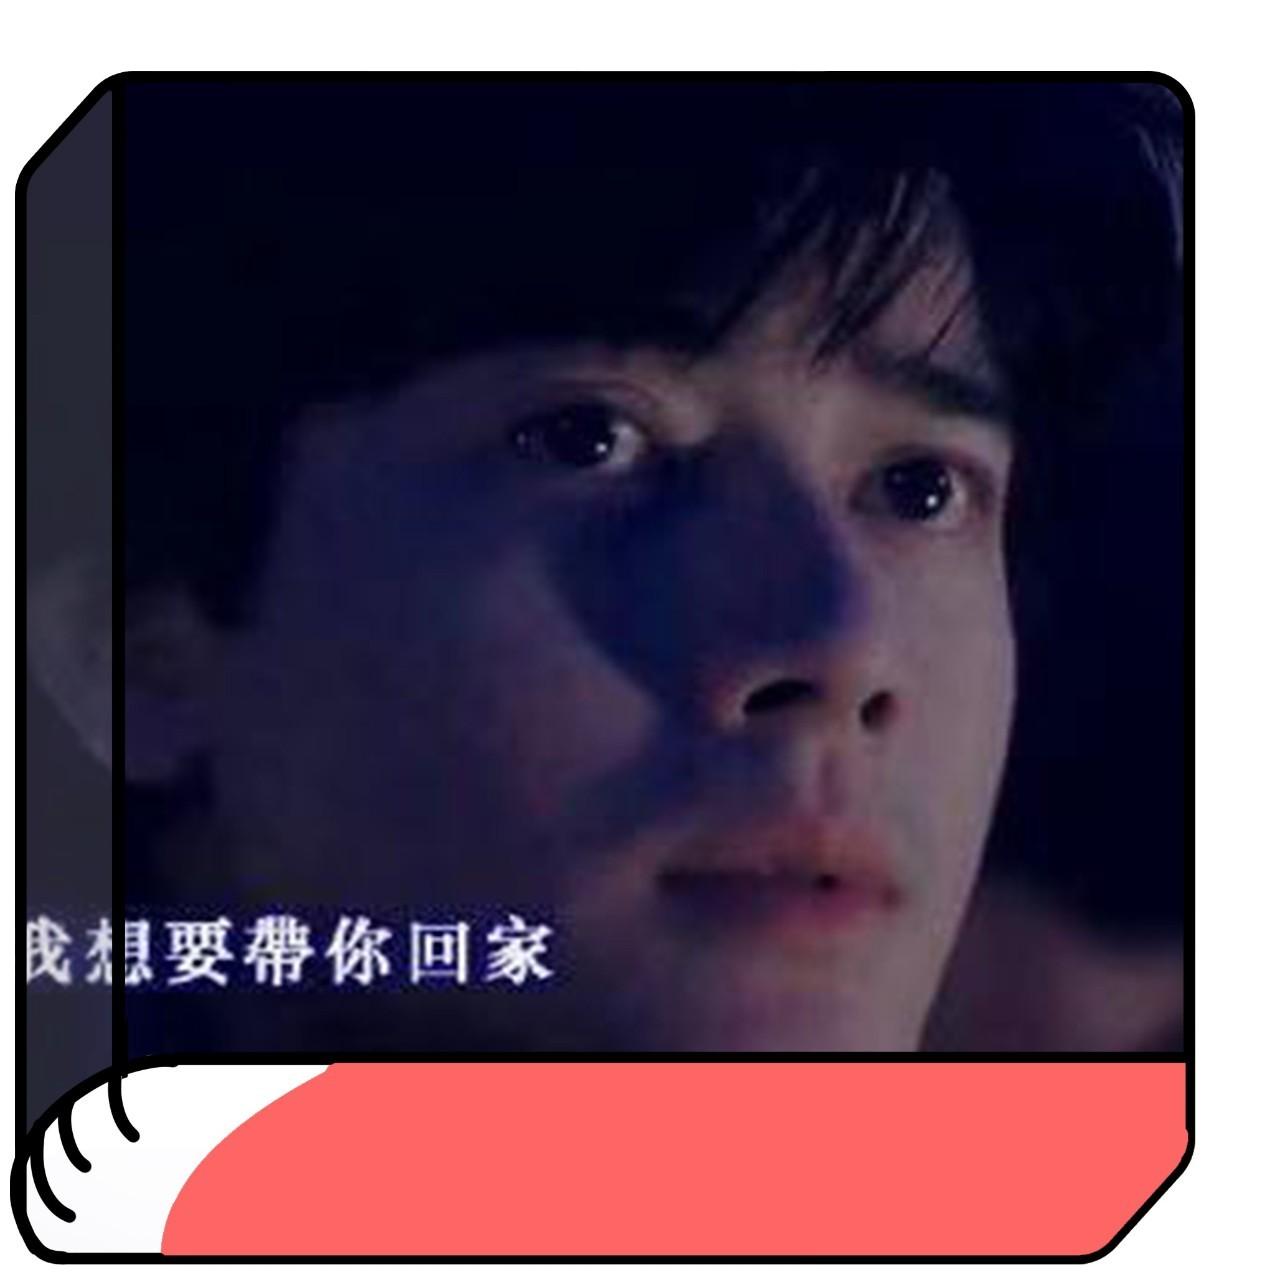 真.郭富城!《野狼disco》+港片黄金时代,绝了!!